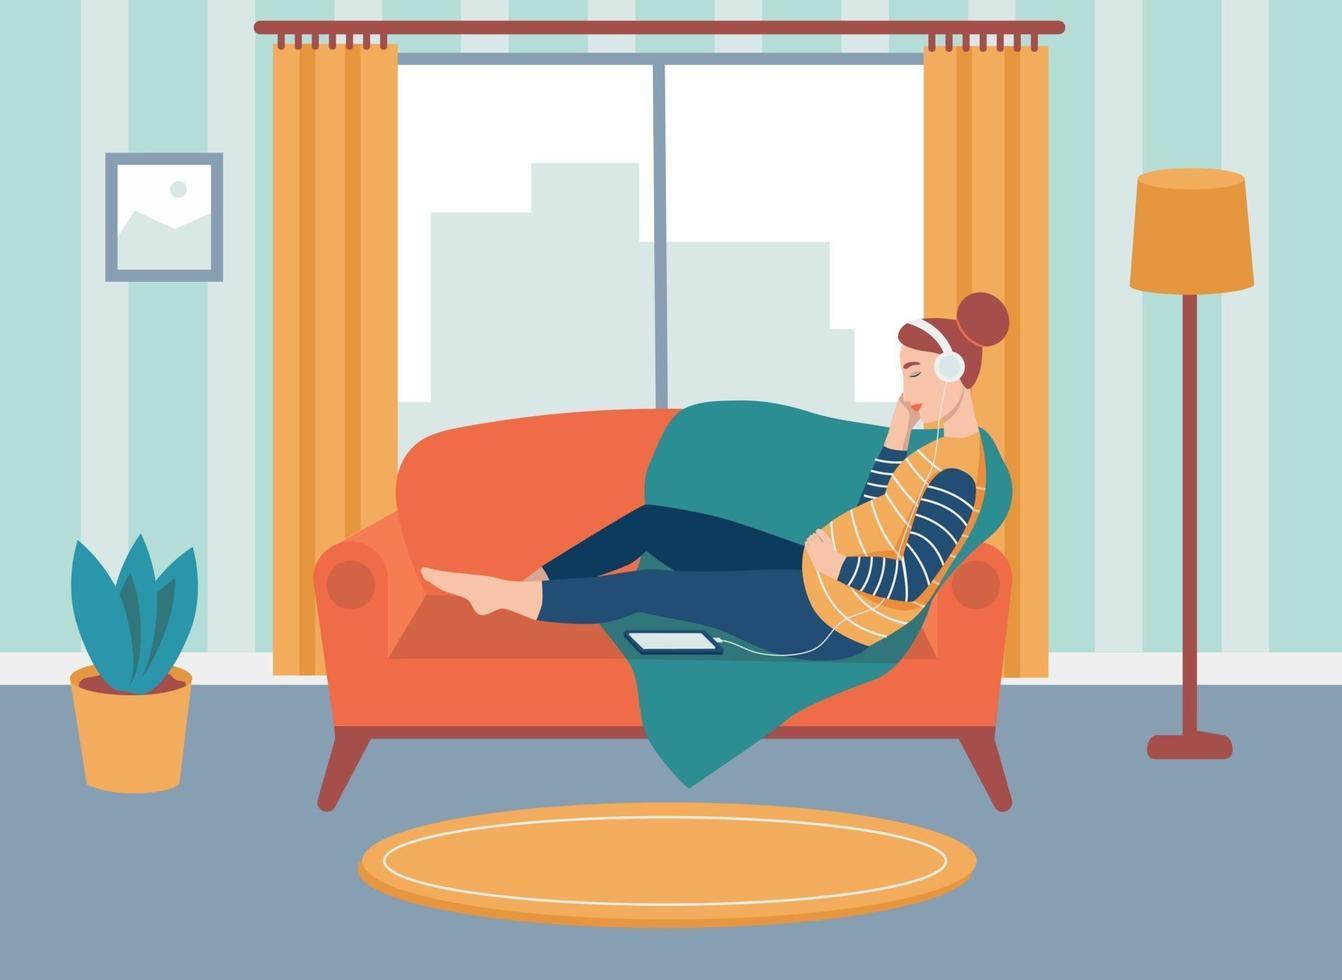 Eine schwangere Frau sitzt auf dem Sofa und hört Musik mit Kopfhörern. das Konzept der alltäglichen Aktivitäten und des täglichen Lebens. flache Karikaturillustration. vektor